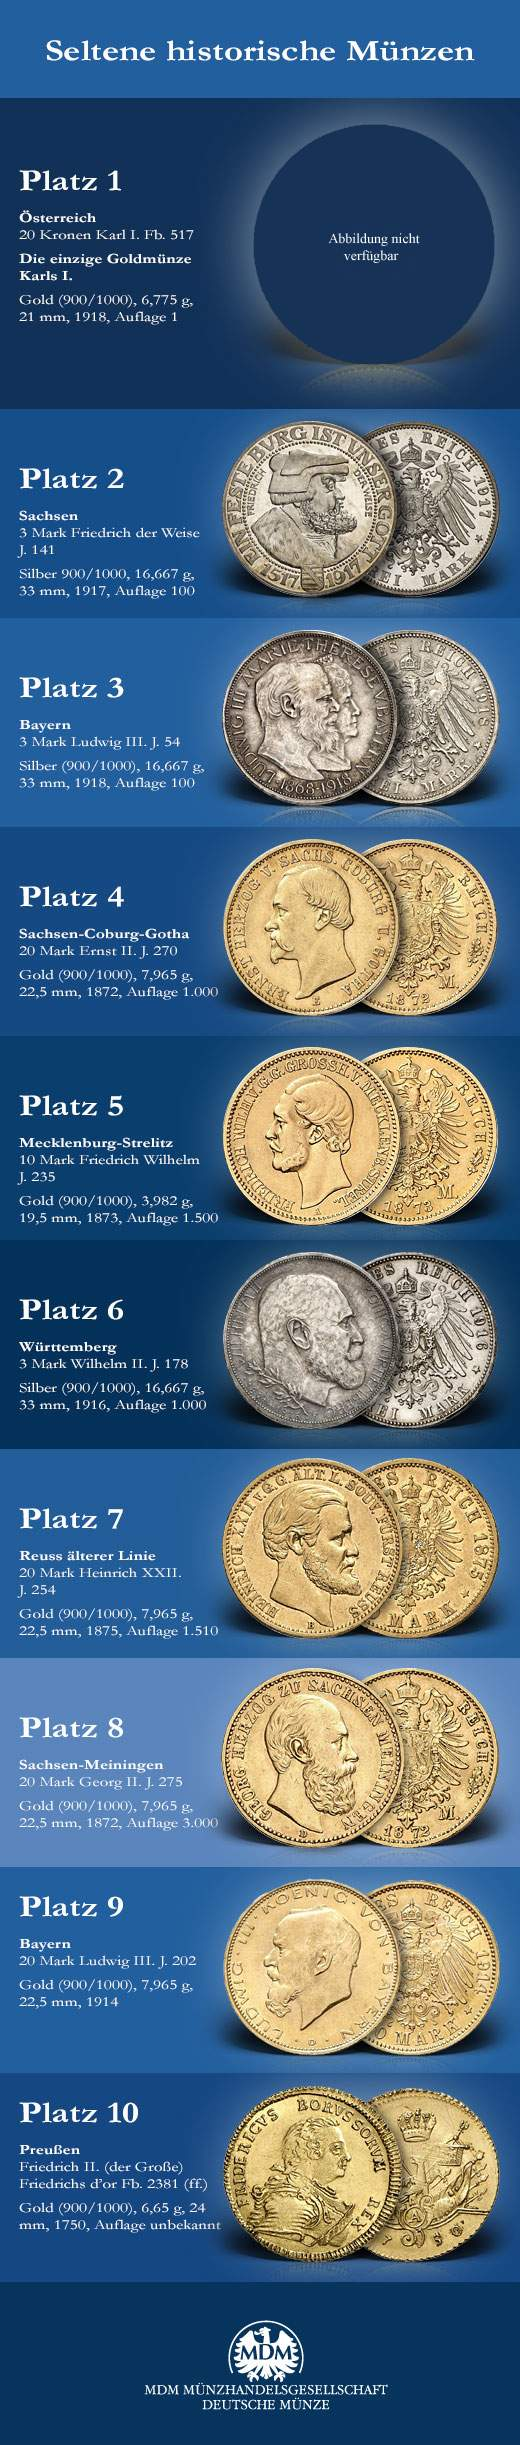 10 seltene historische Münzen!